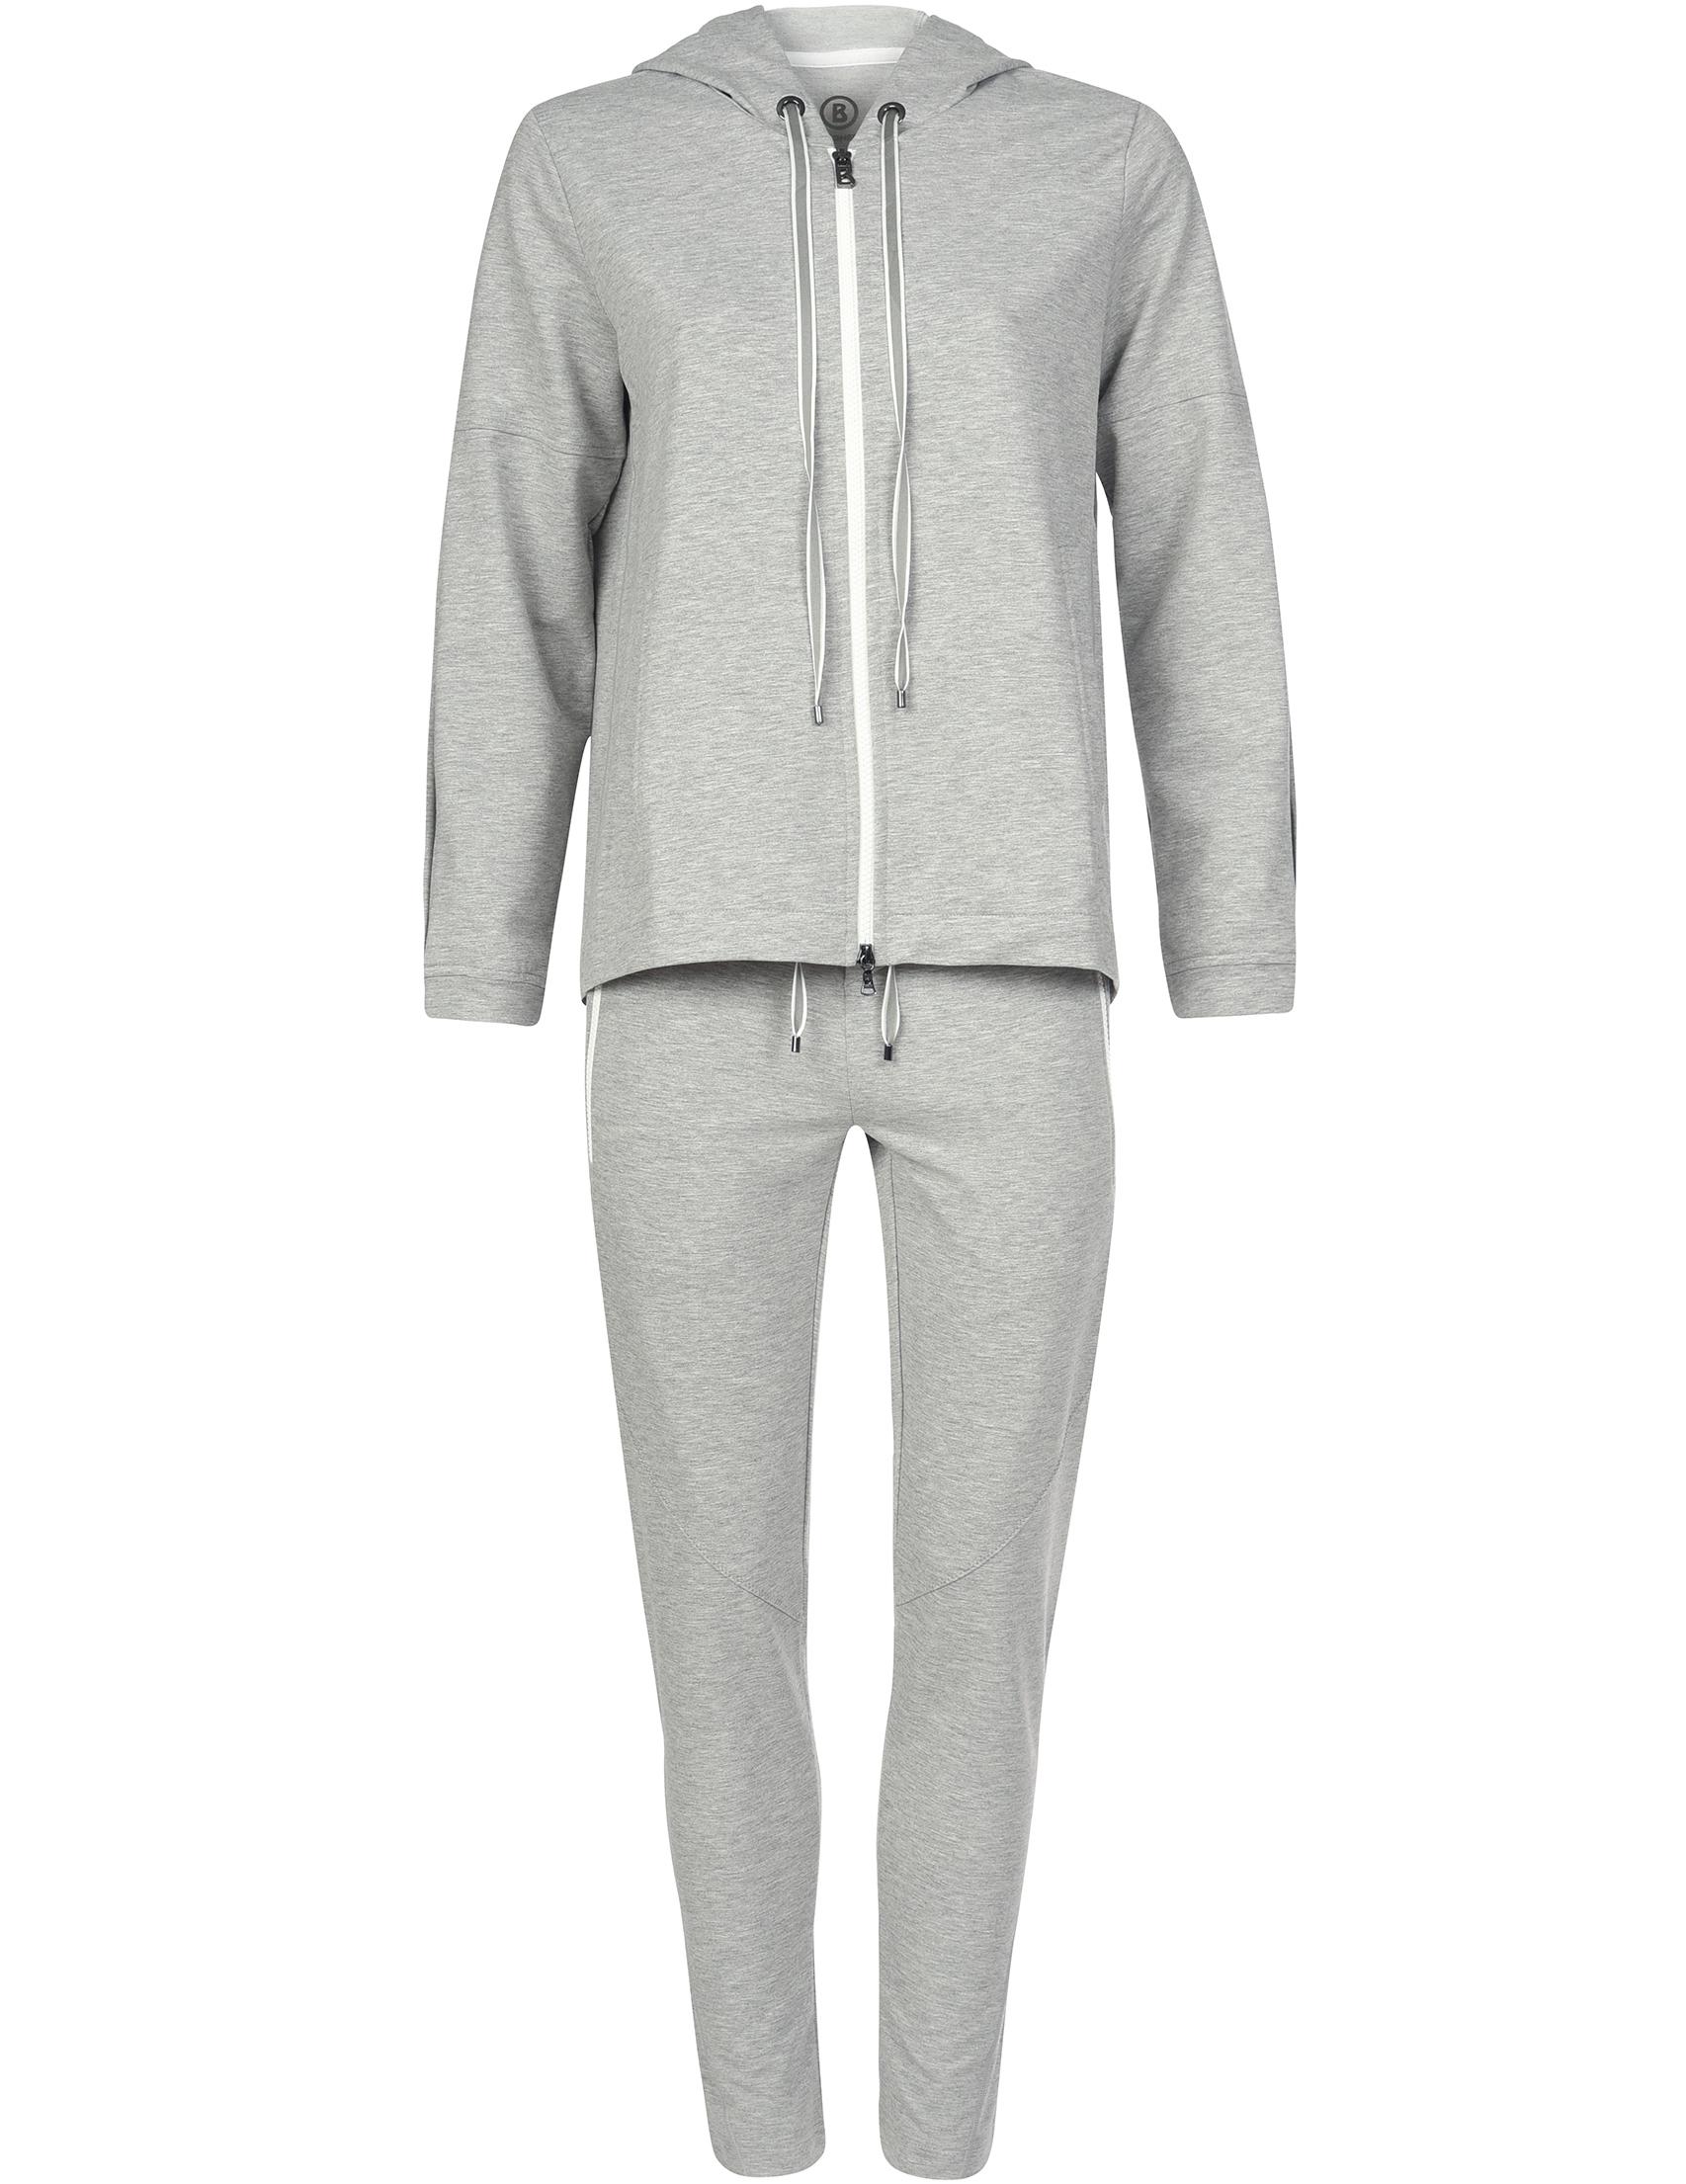 Купить Спортивный костюм, BOGNER, Серый, 73%Полиэстер 22%Хлопок 5%Эластан, Осень-Зима